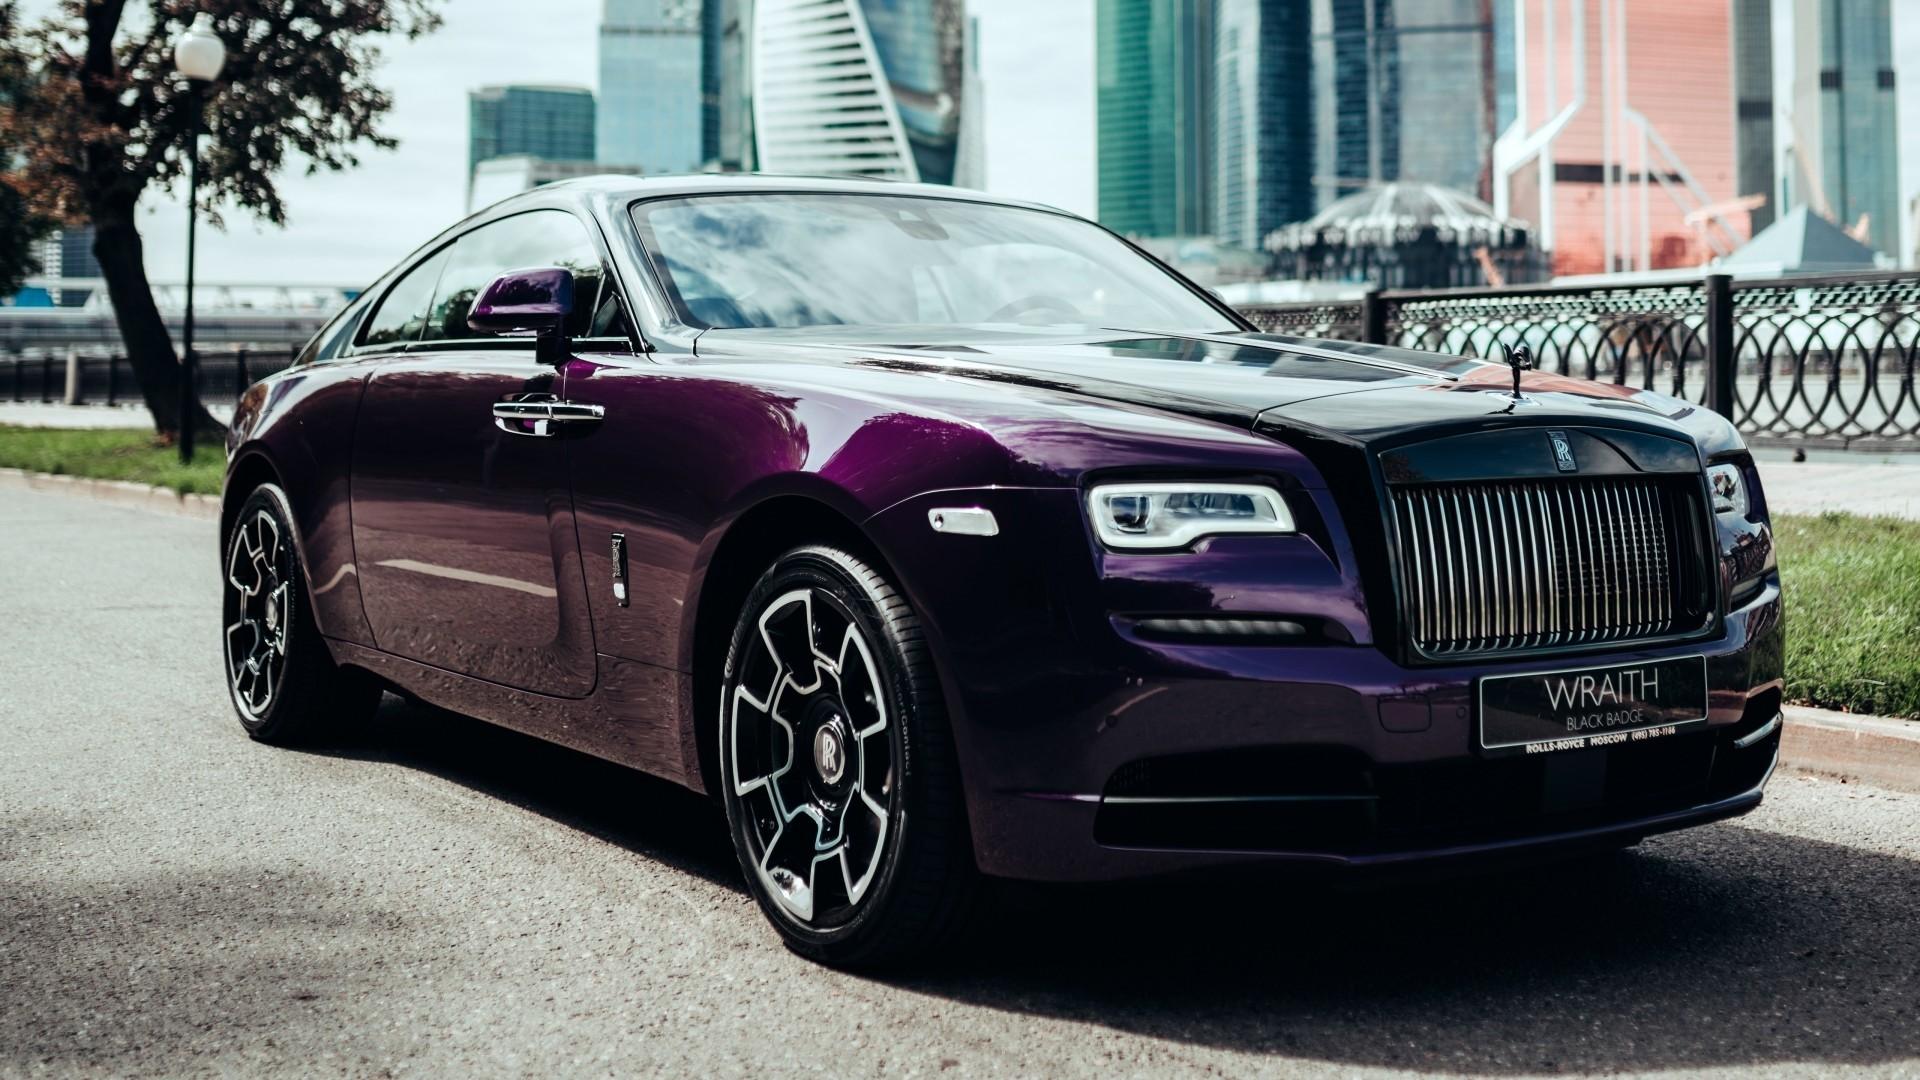 Rolls Royce Wraith High Quality